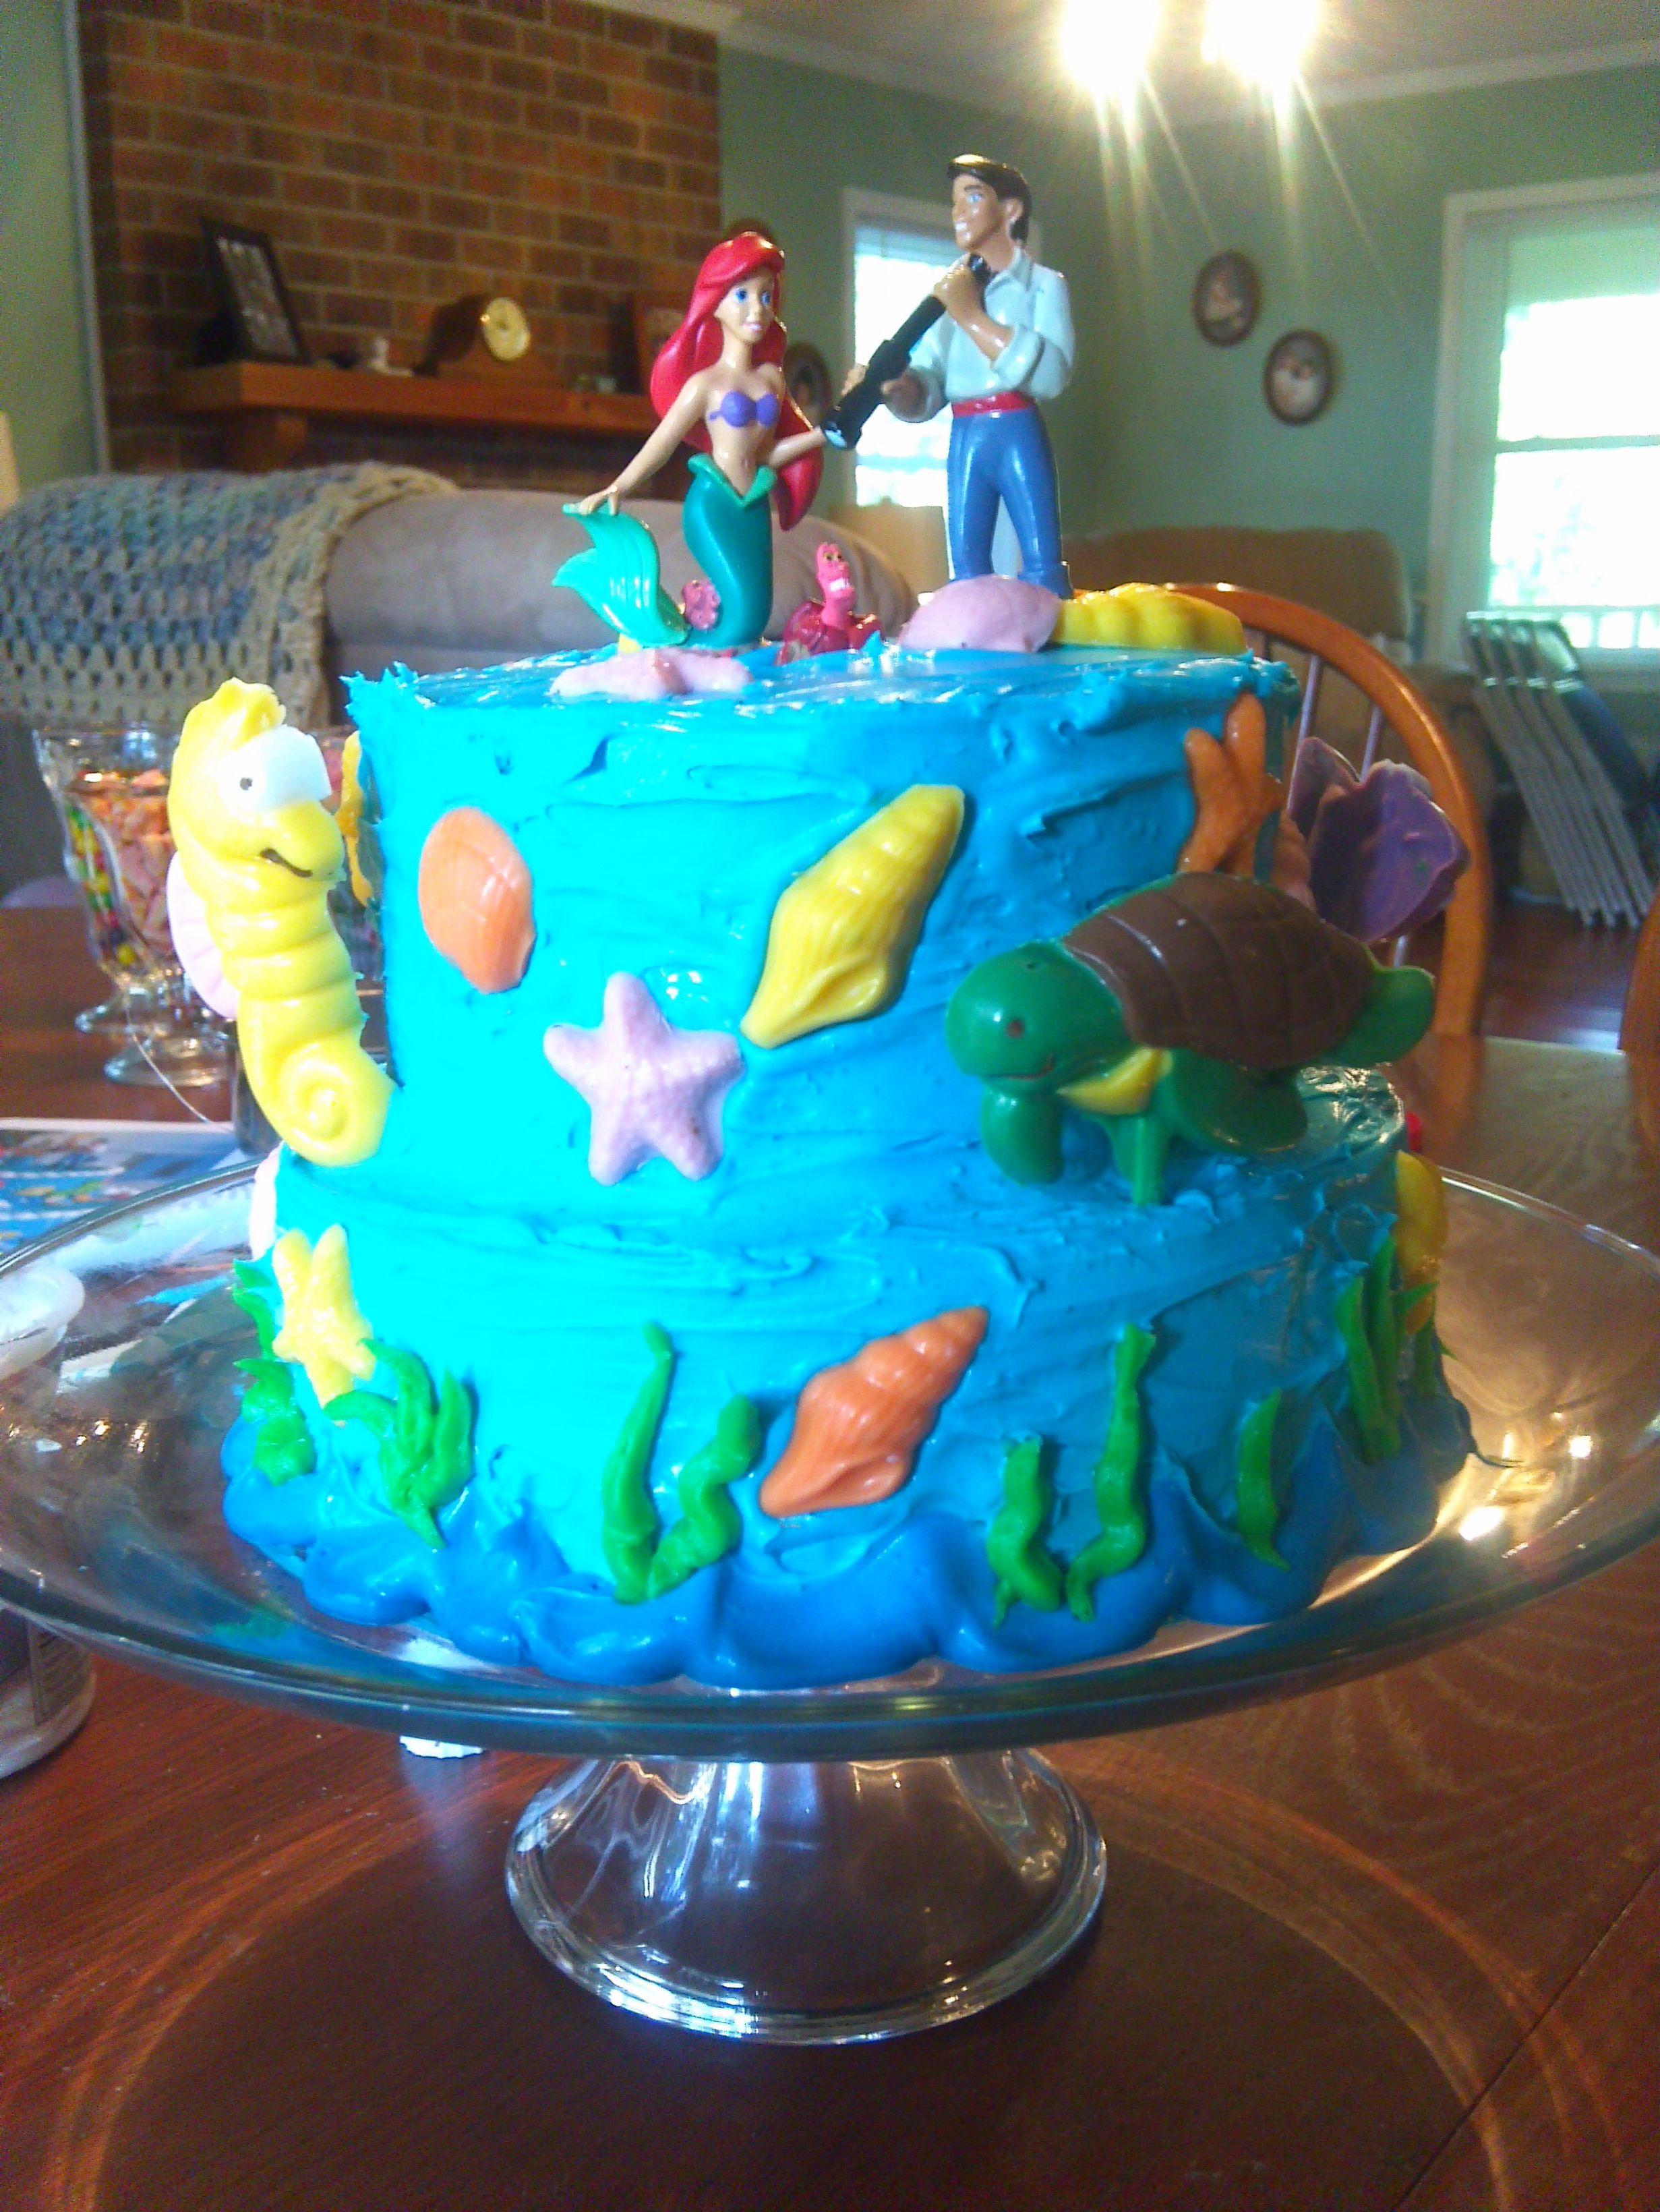 Little Mermaid Birthday Cake Made Using 4 Round Cake Pans 2 Lg 2